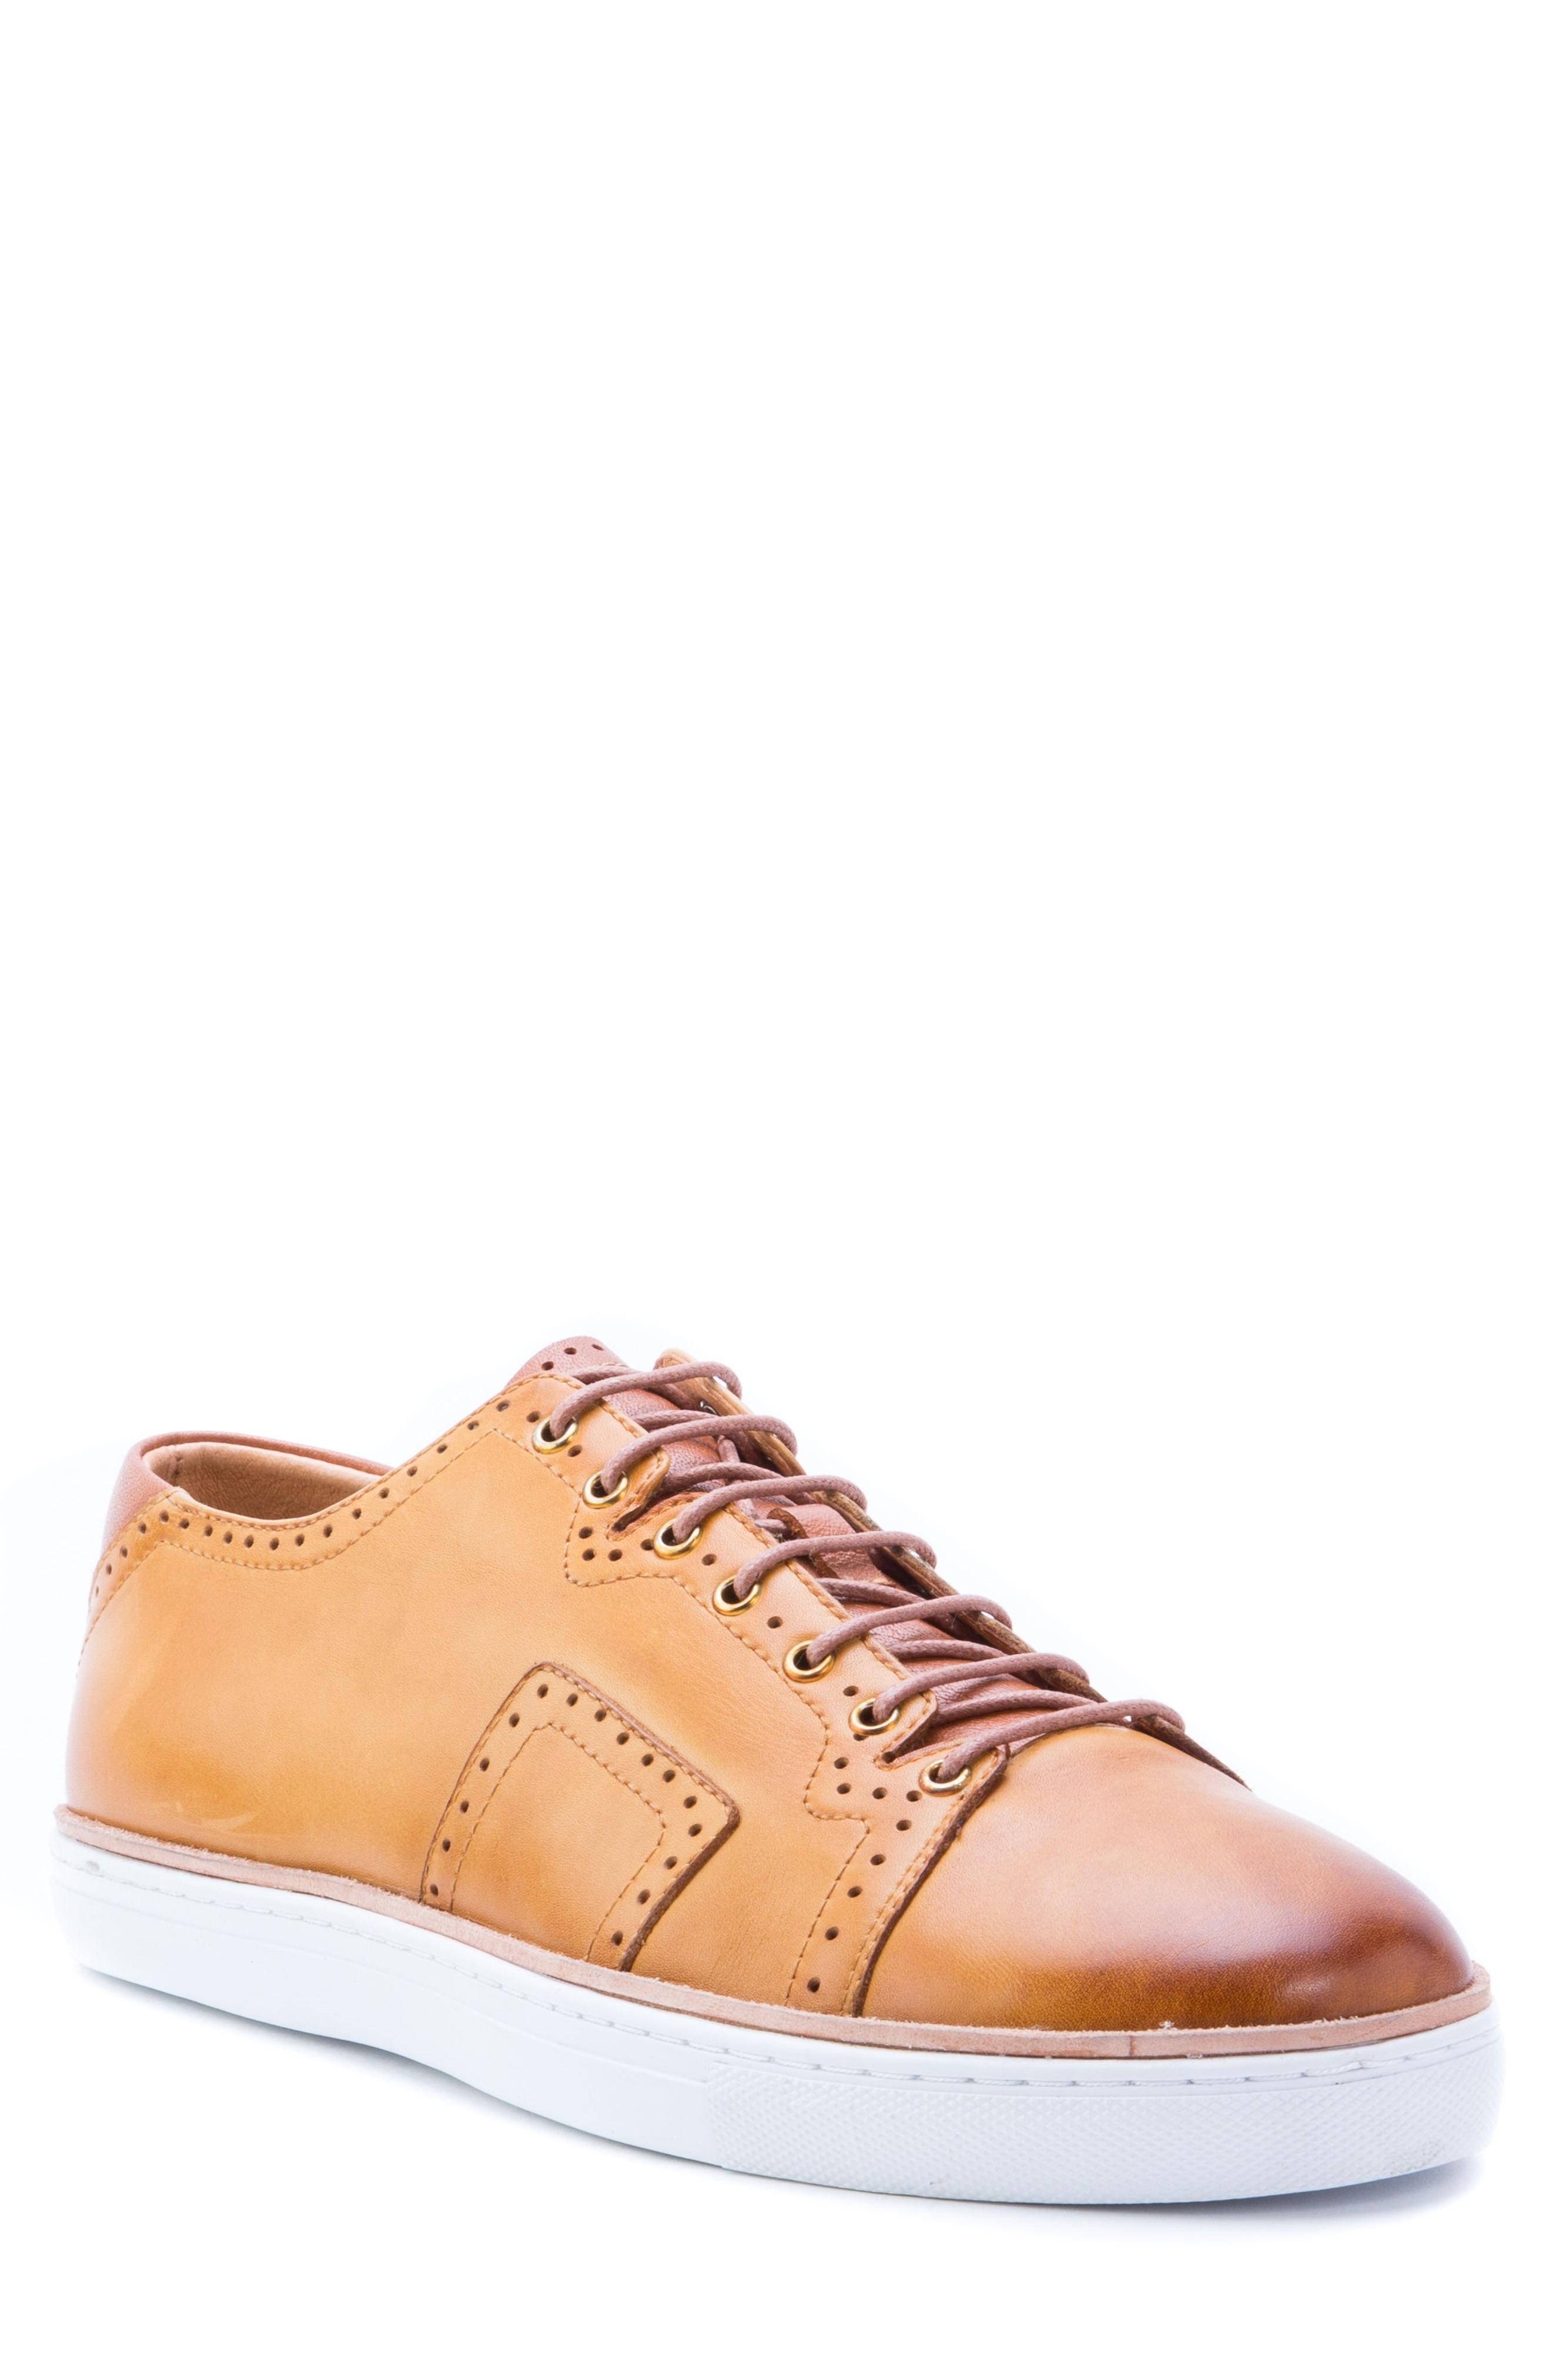 Robert Graham Marti Low Top Sneaker In Cognac Leather